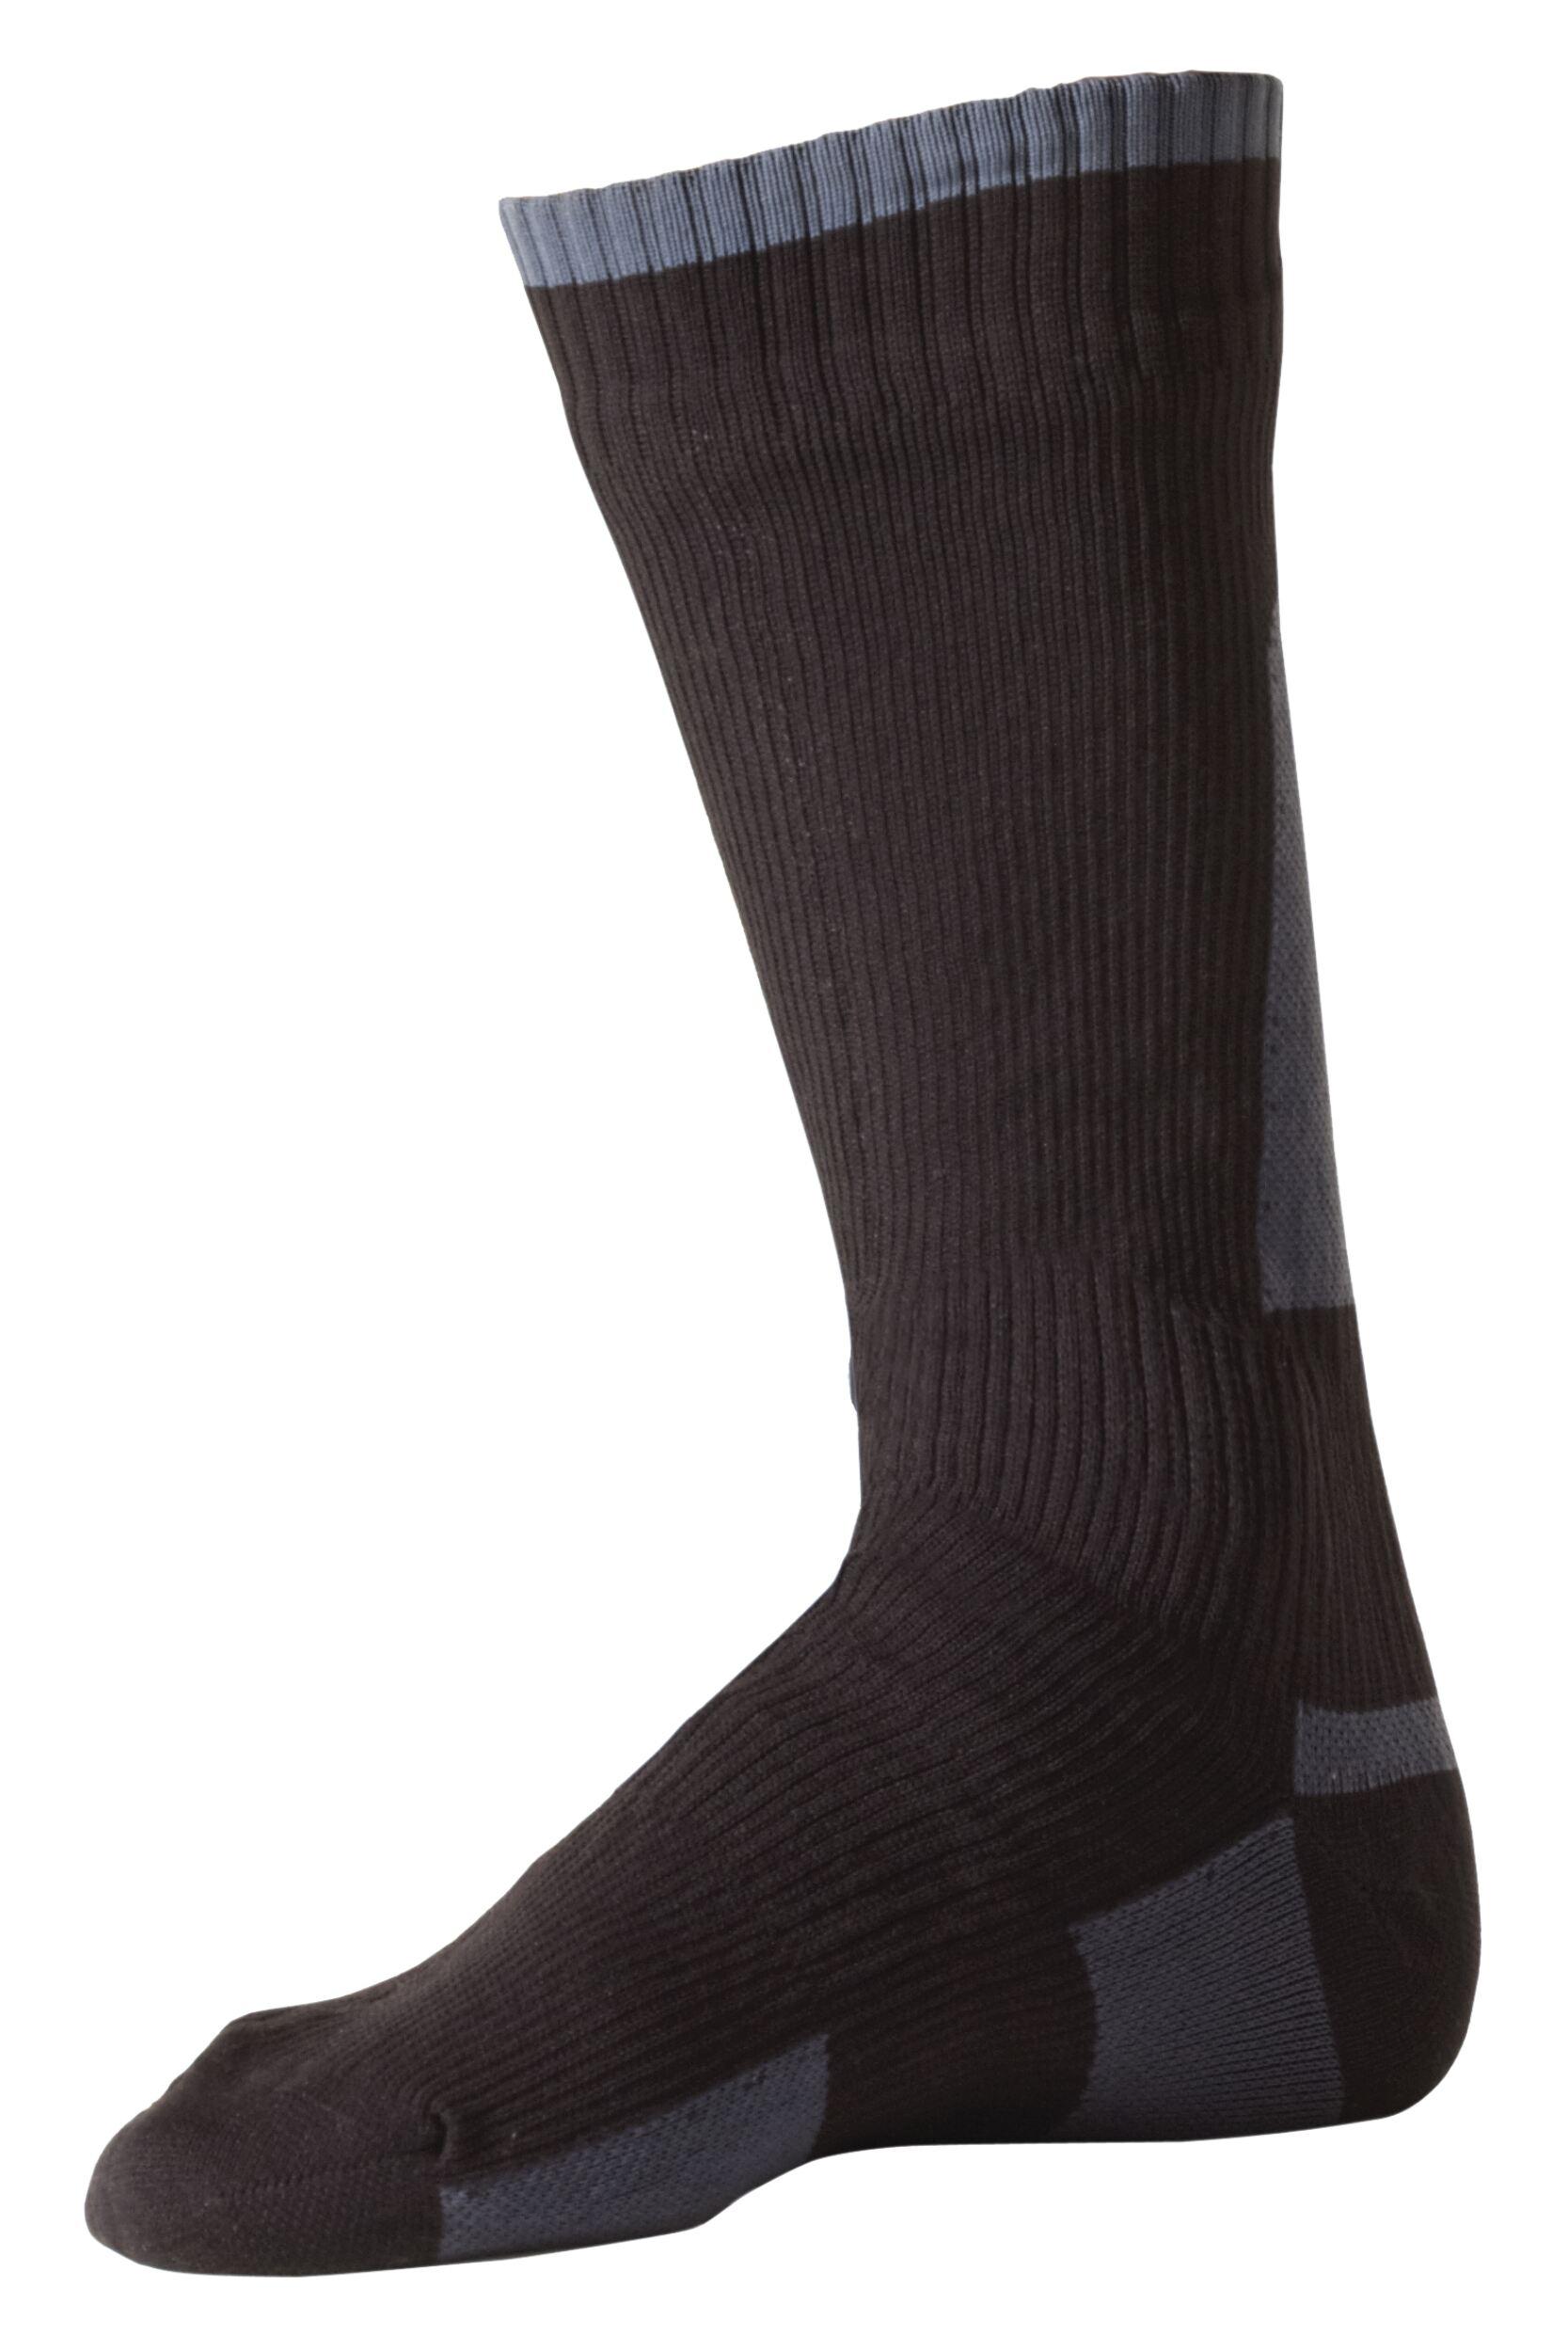 Image of Mens & Ladies 1 Pair Sealskinz New Mid Weight Mid Length 100% Waterproof Socks